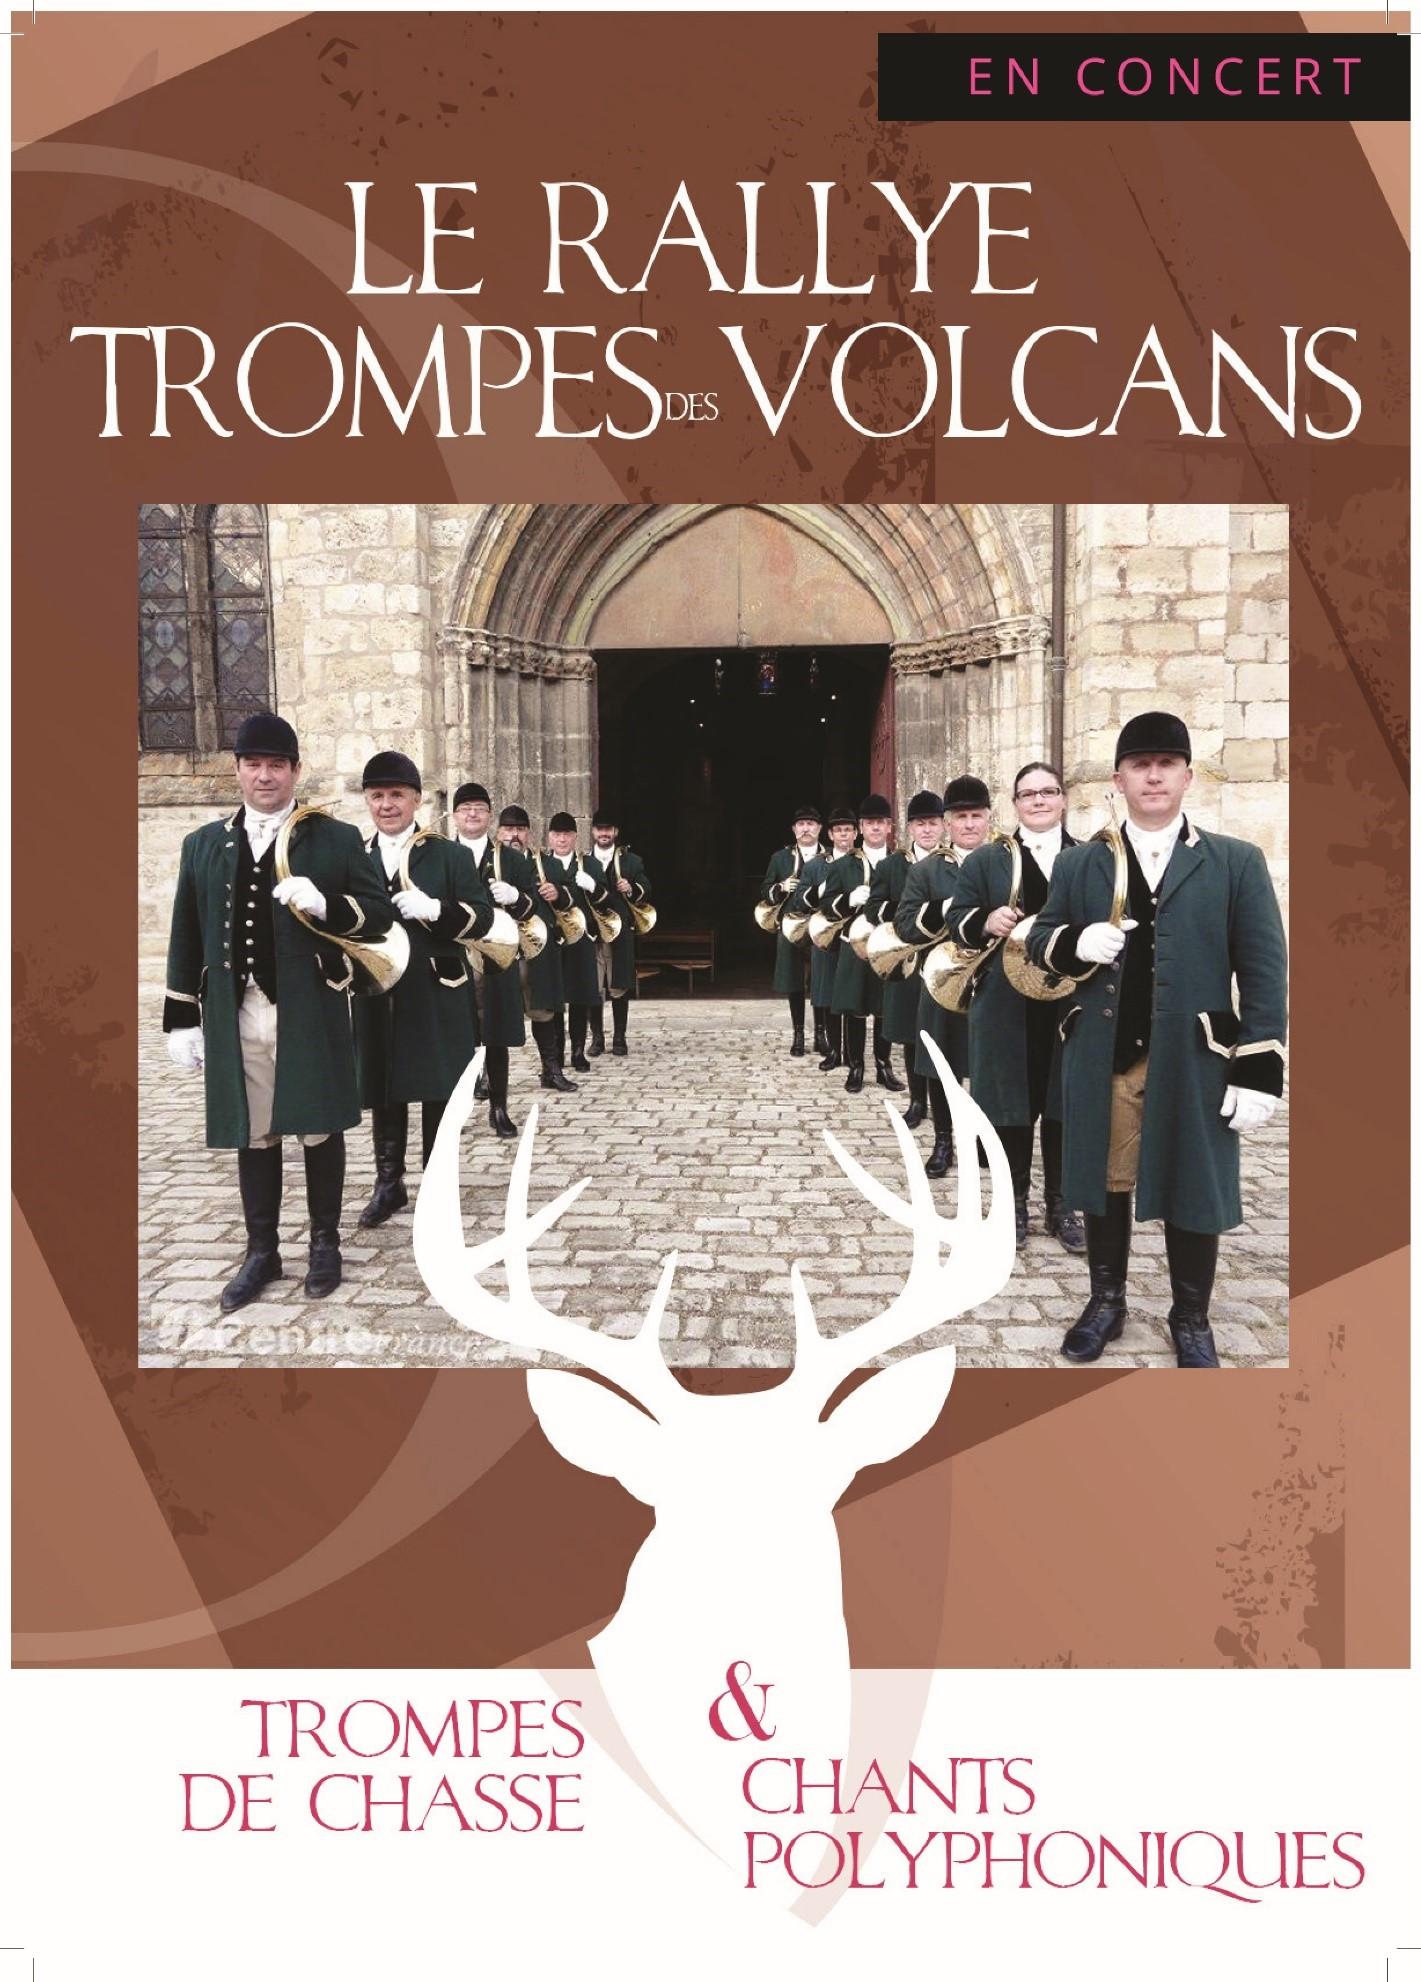 Concert Région Nouvelle Aquitaine - Chambon sur Voueize (23) @ Abbatiale Ste Valérie | Chambon-sur-Voueize | Nouvelle-Aquitaine | France